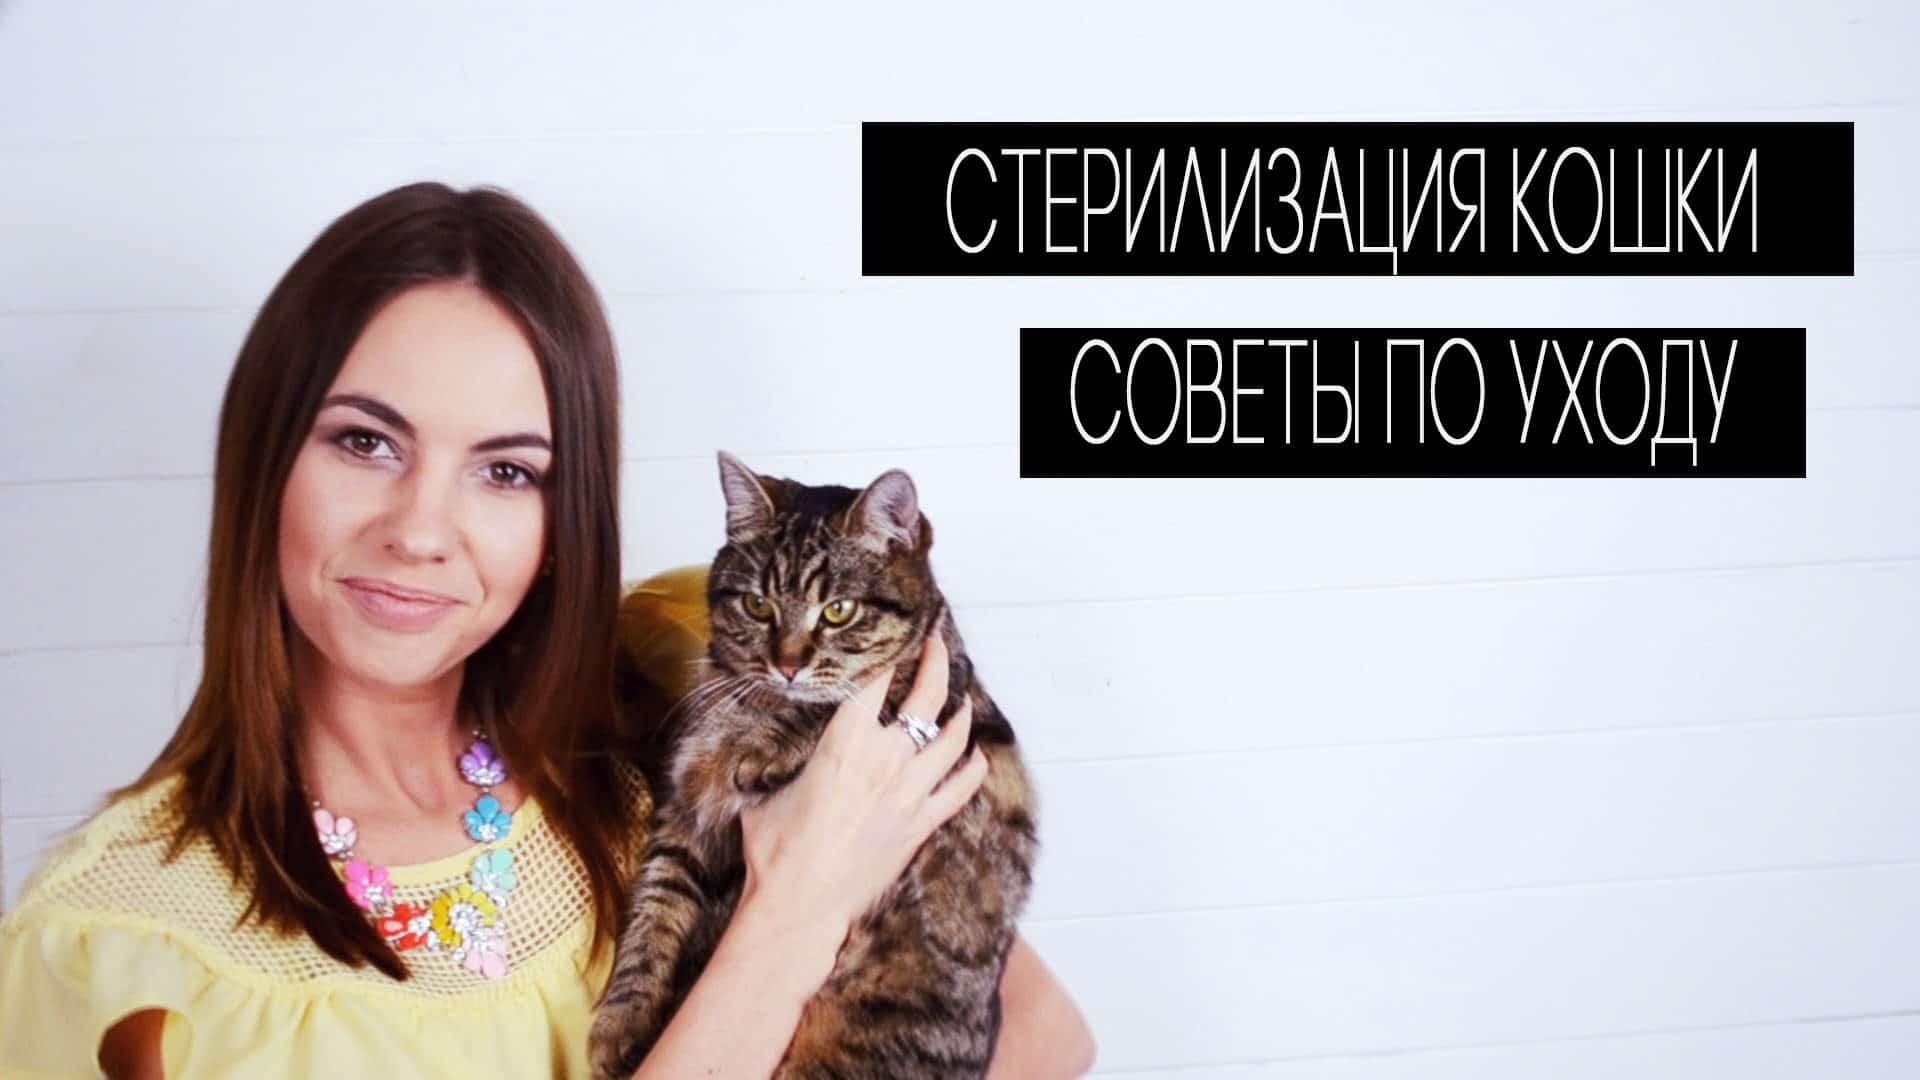 Как подготовить кошку к стерилизации - 5 советов